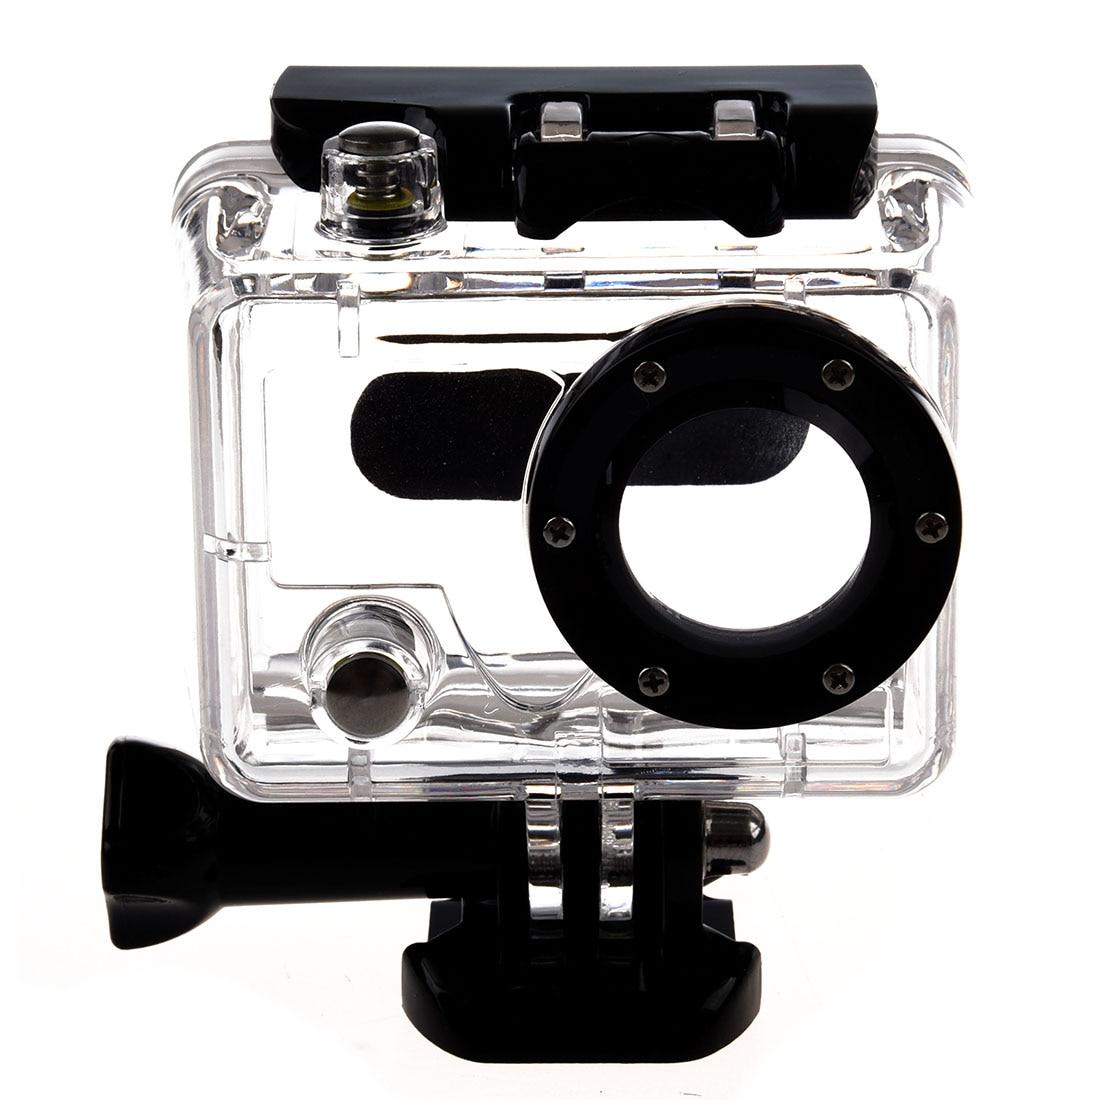 Plongée étanche Cas De Logement Squelette Avec Objectif Pour Gopro Hero 2 Caméra